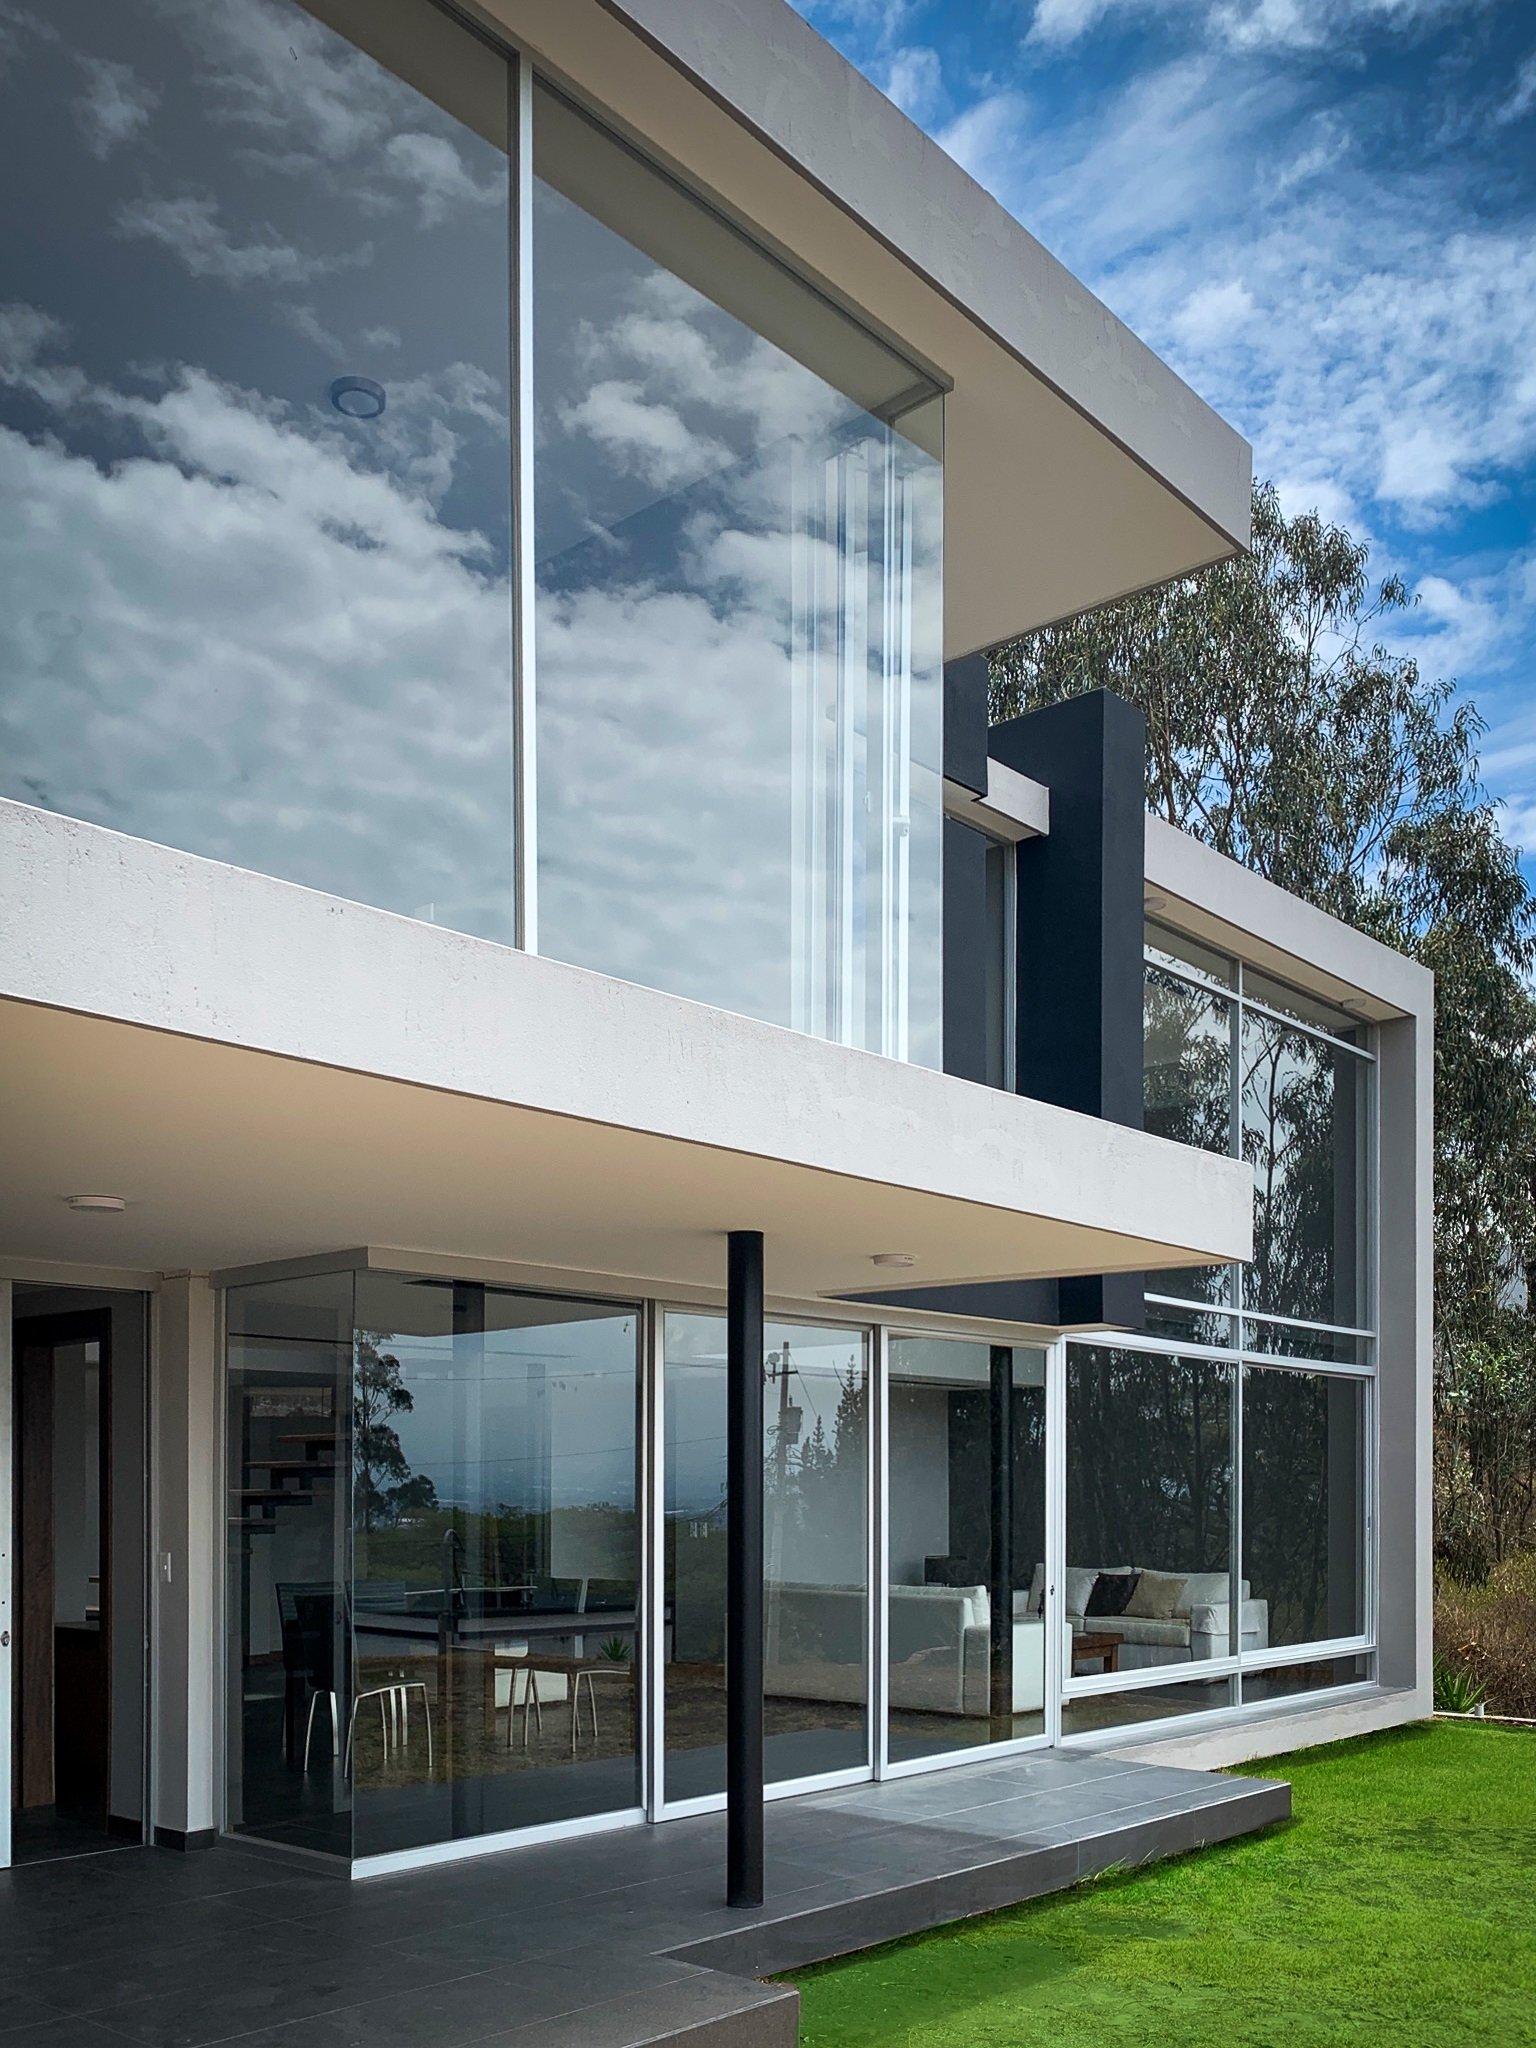 Casa-MG-Nayon-A3-Arquitectos-Quito-Ecuador diseño de casas